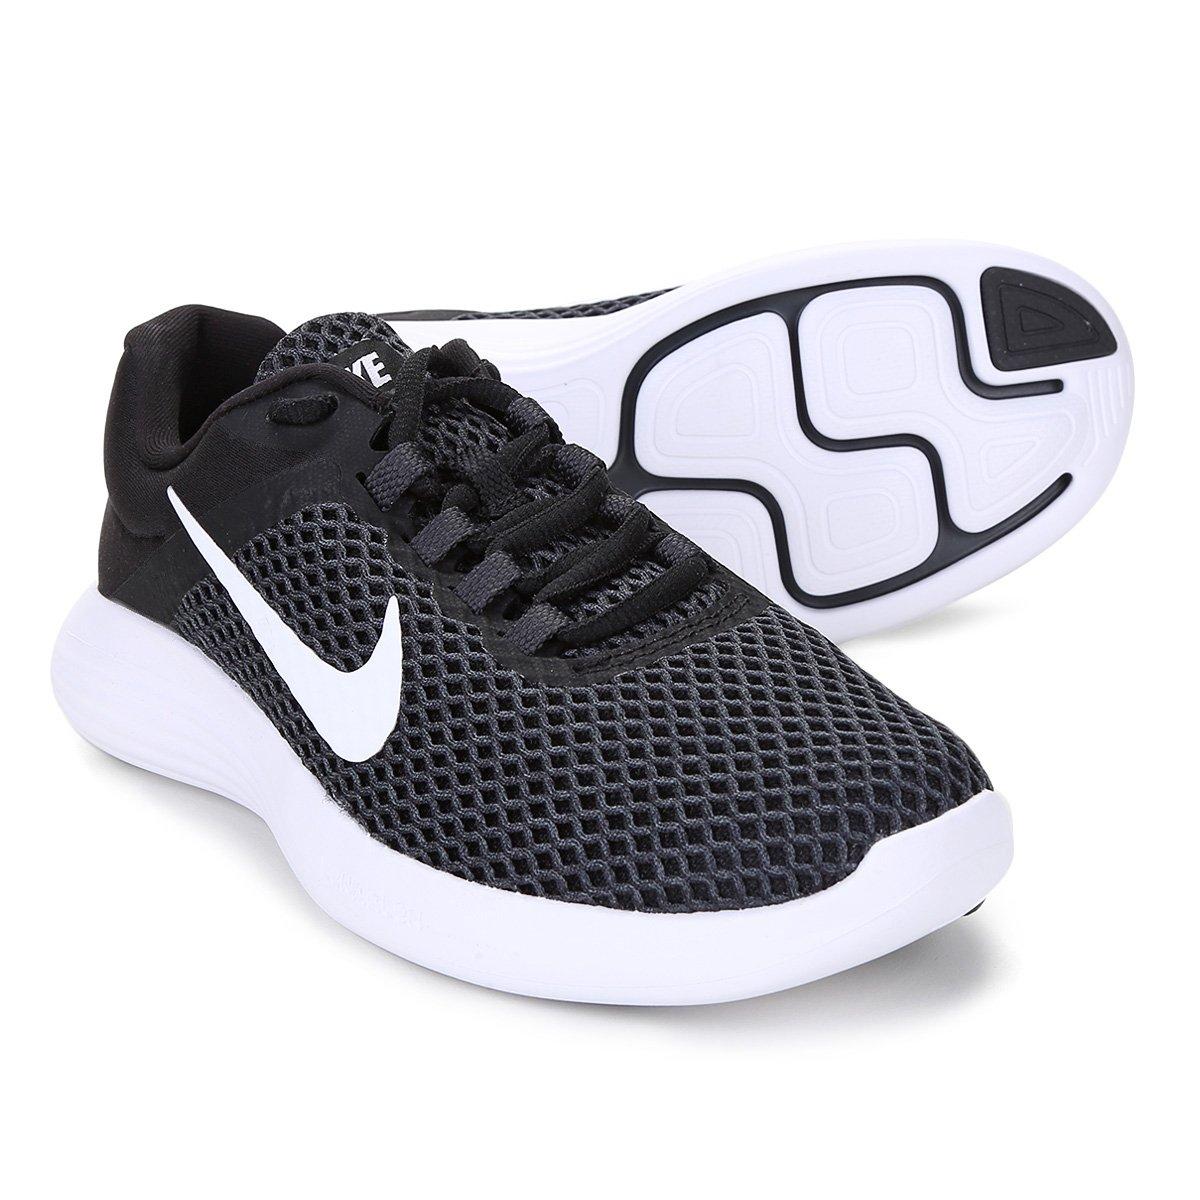 930448339 Tênis Nike Lunarconverge 2 Feminino - Preto e Branco - Compre Agora ...